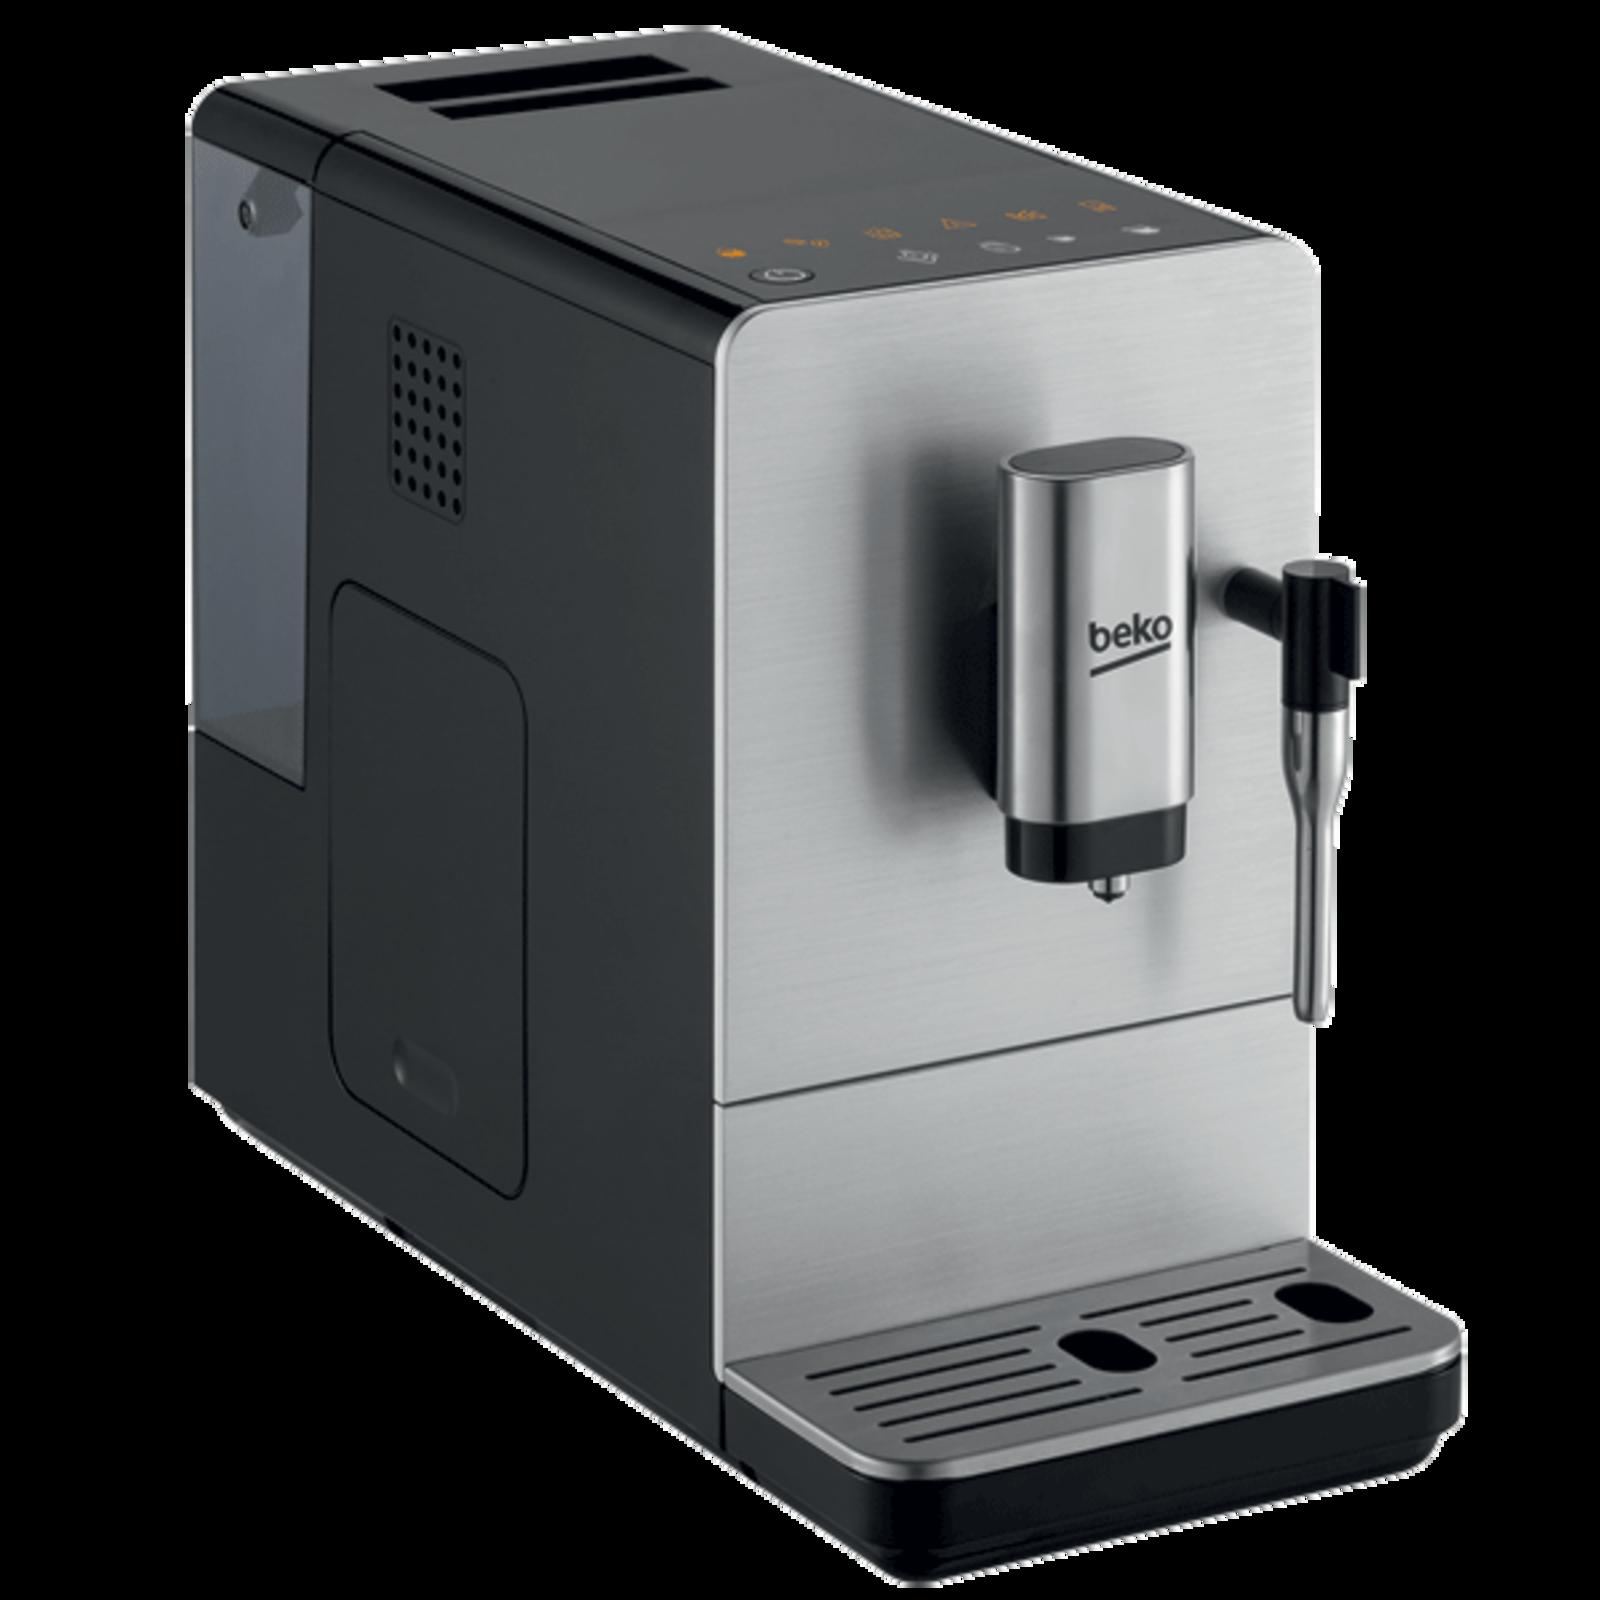 Beko Bean to Cup Espresso Machine with Milk Steamer Wand CEG5311X